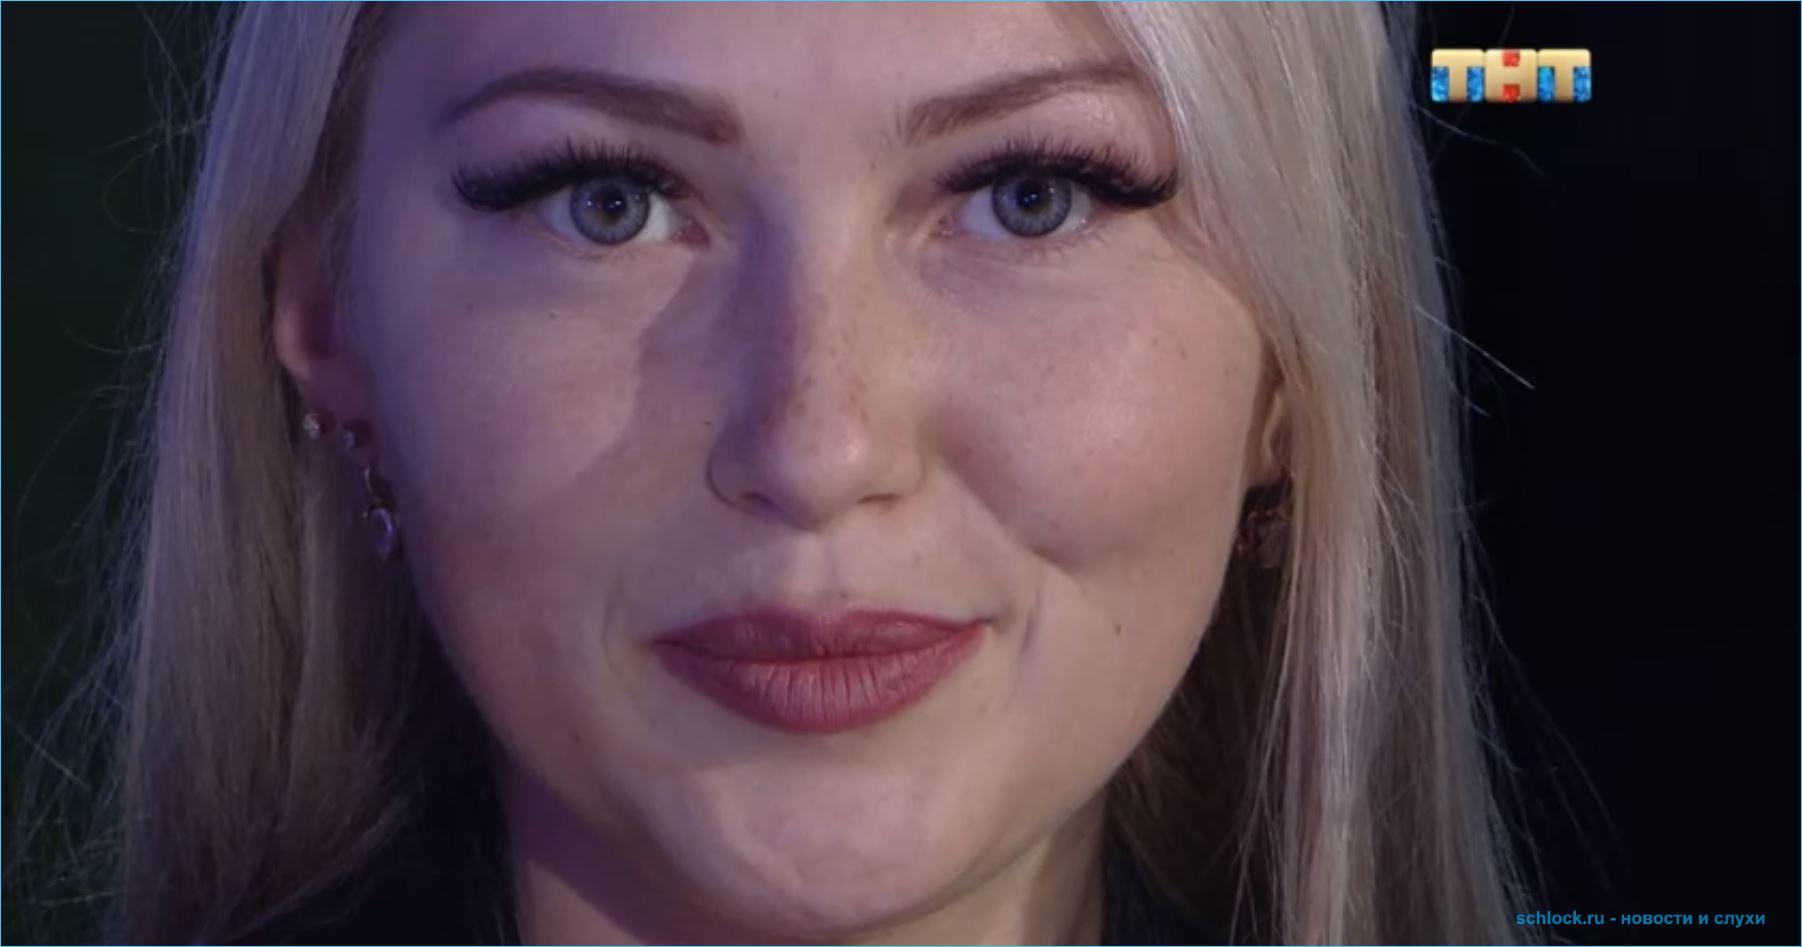 Екатерина Скютте не одобряет выбор подруги Хроминой